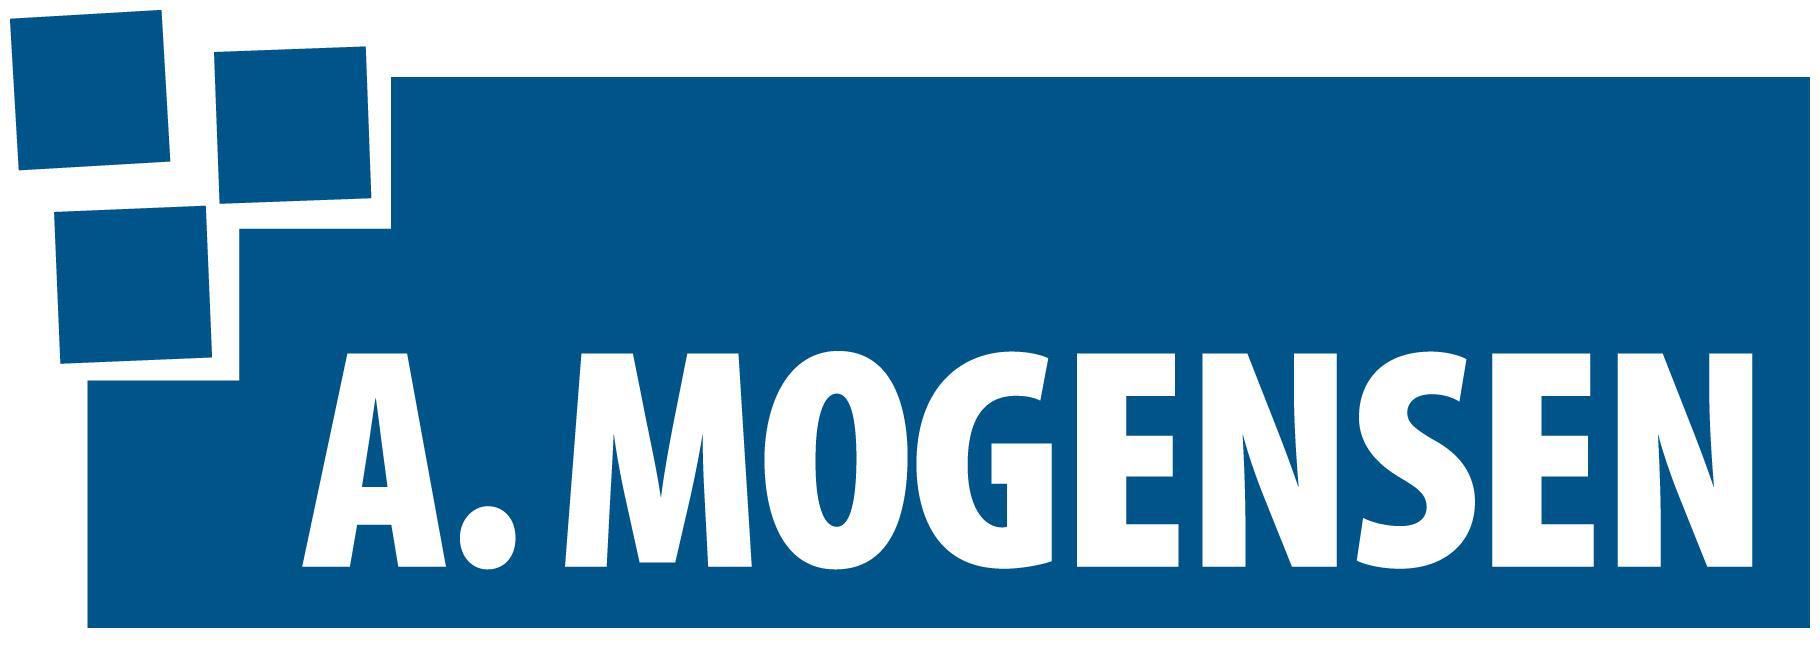 A Mogensen Machine Vision